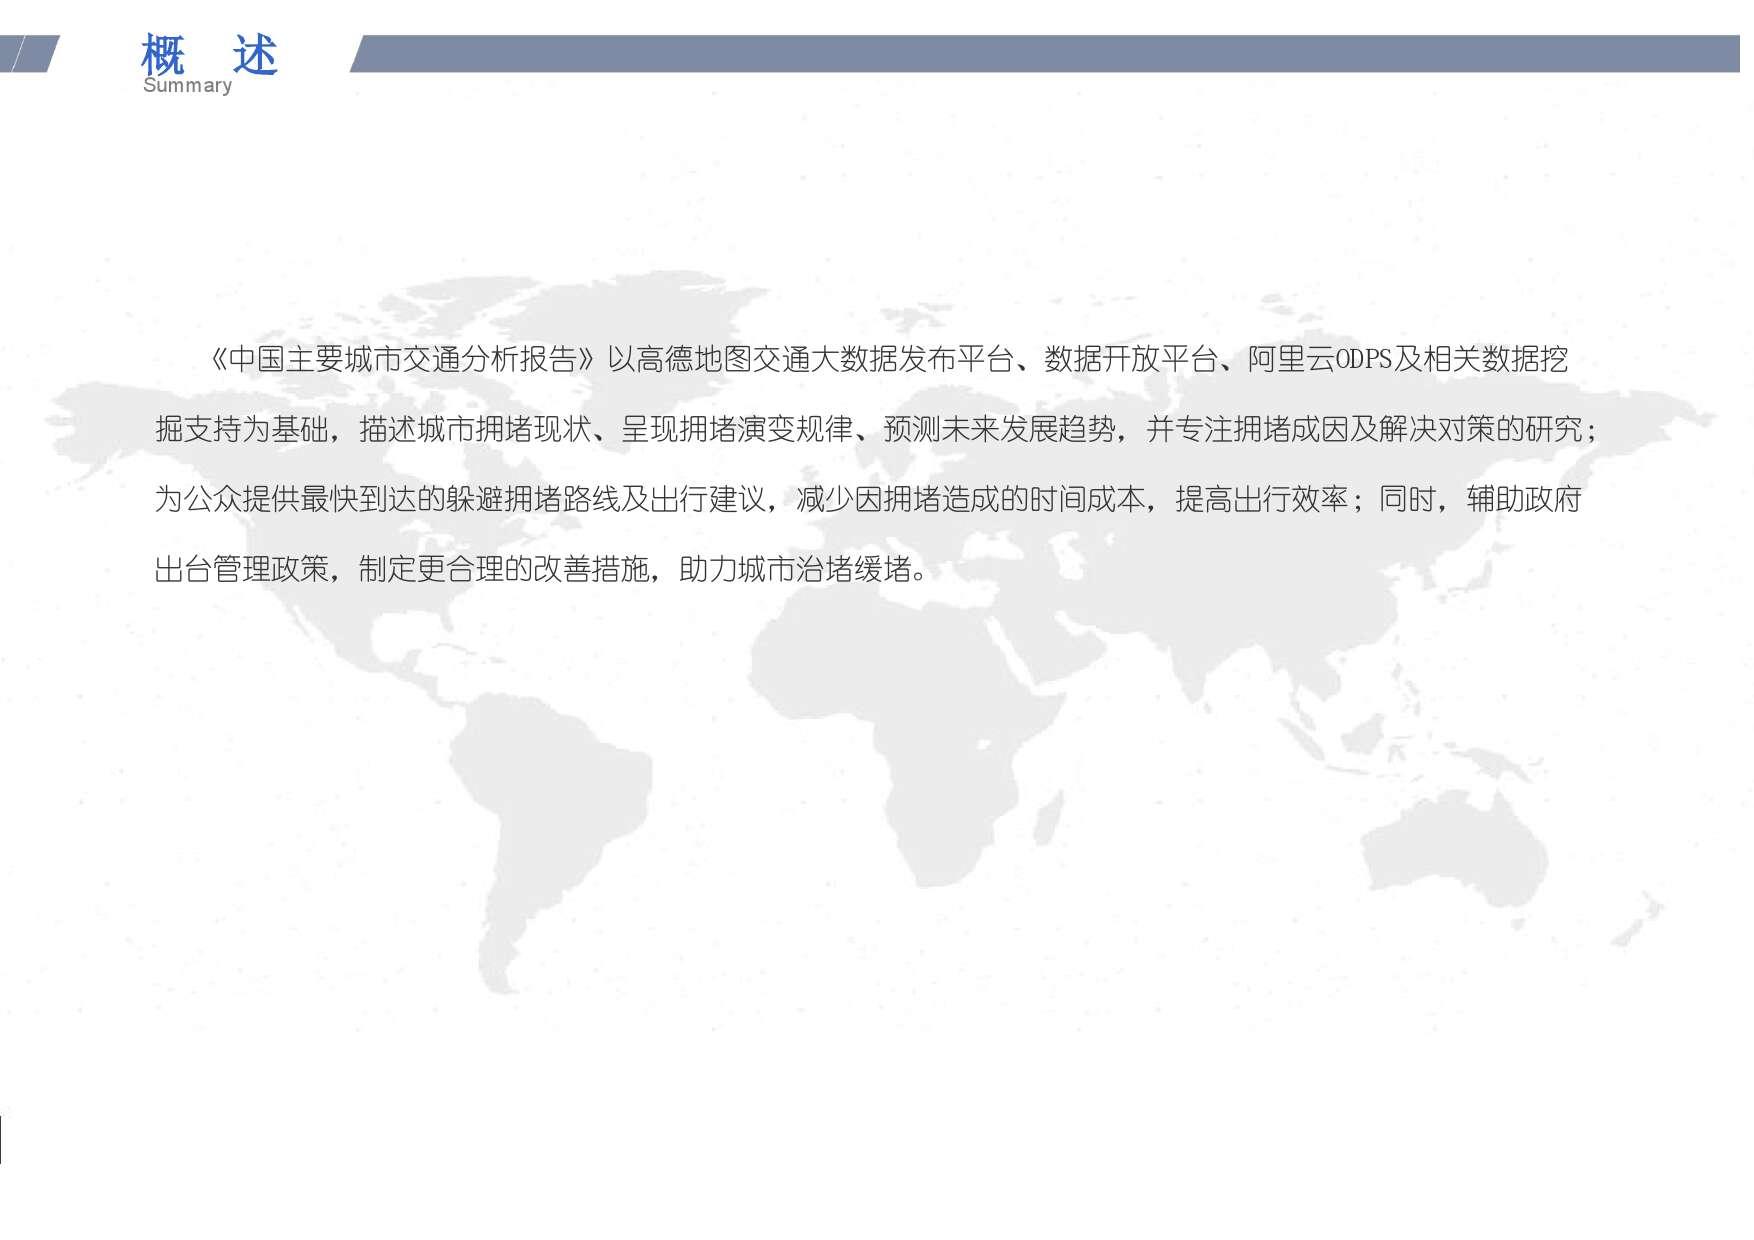 2015年度中国主要城市交通分析报告-final_000004